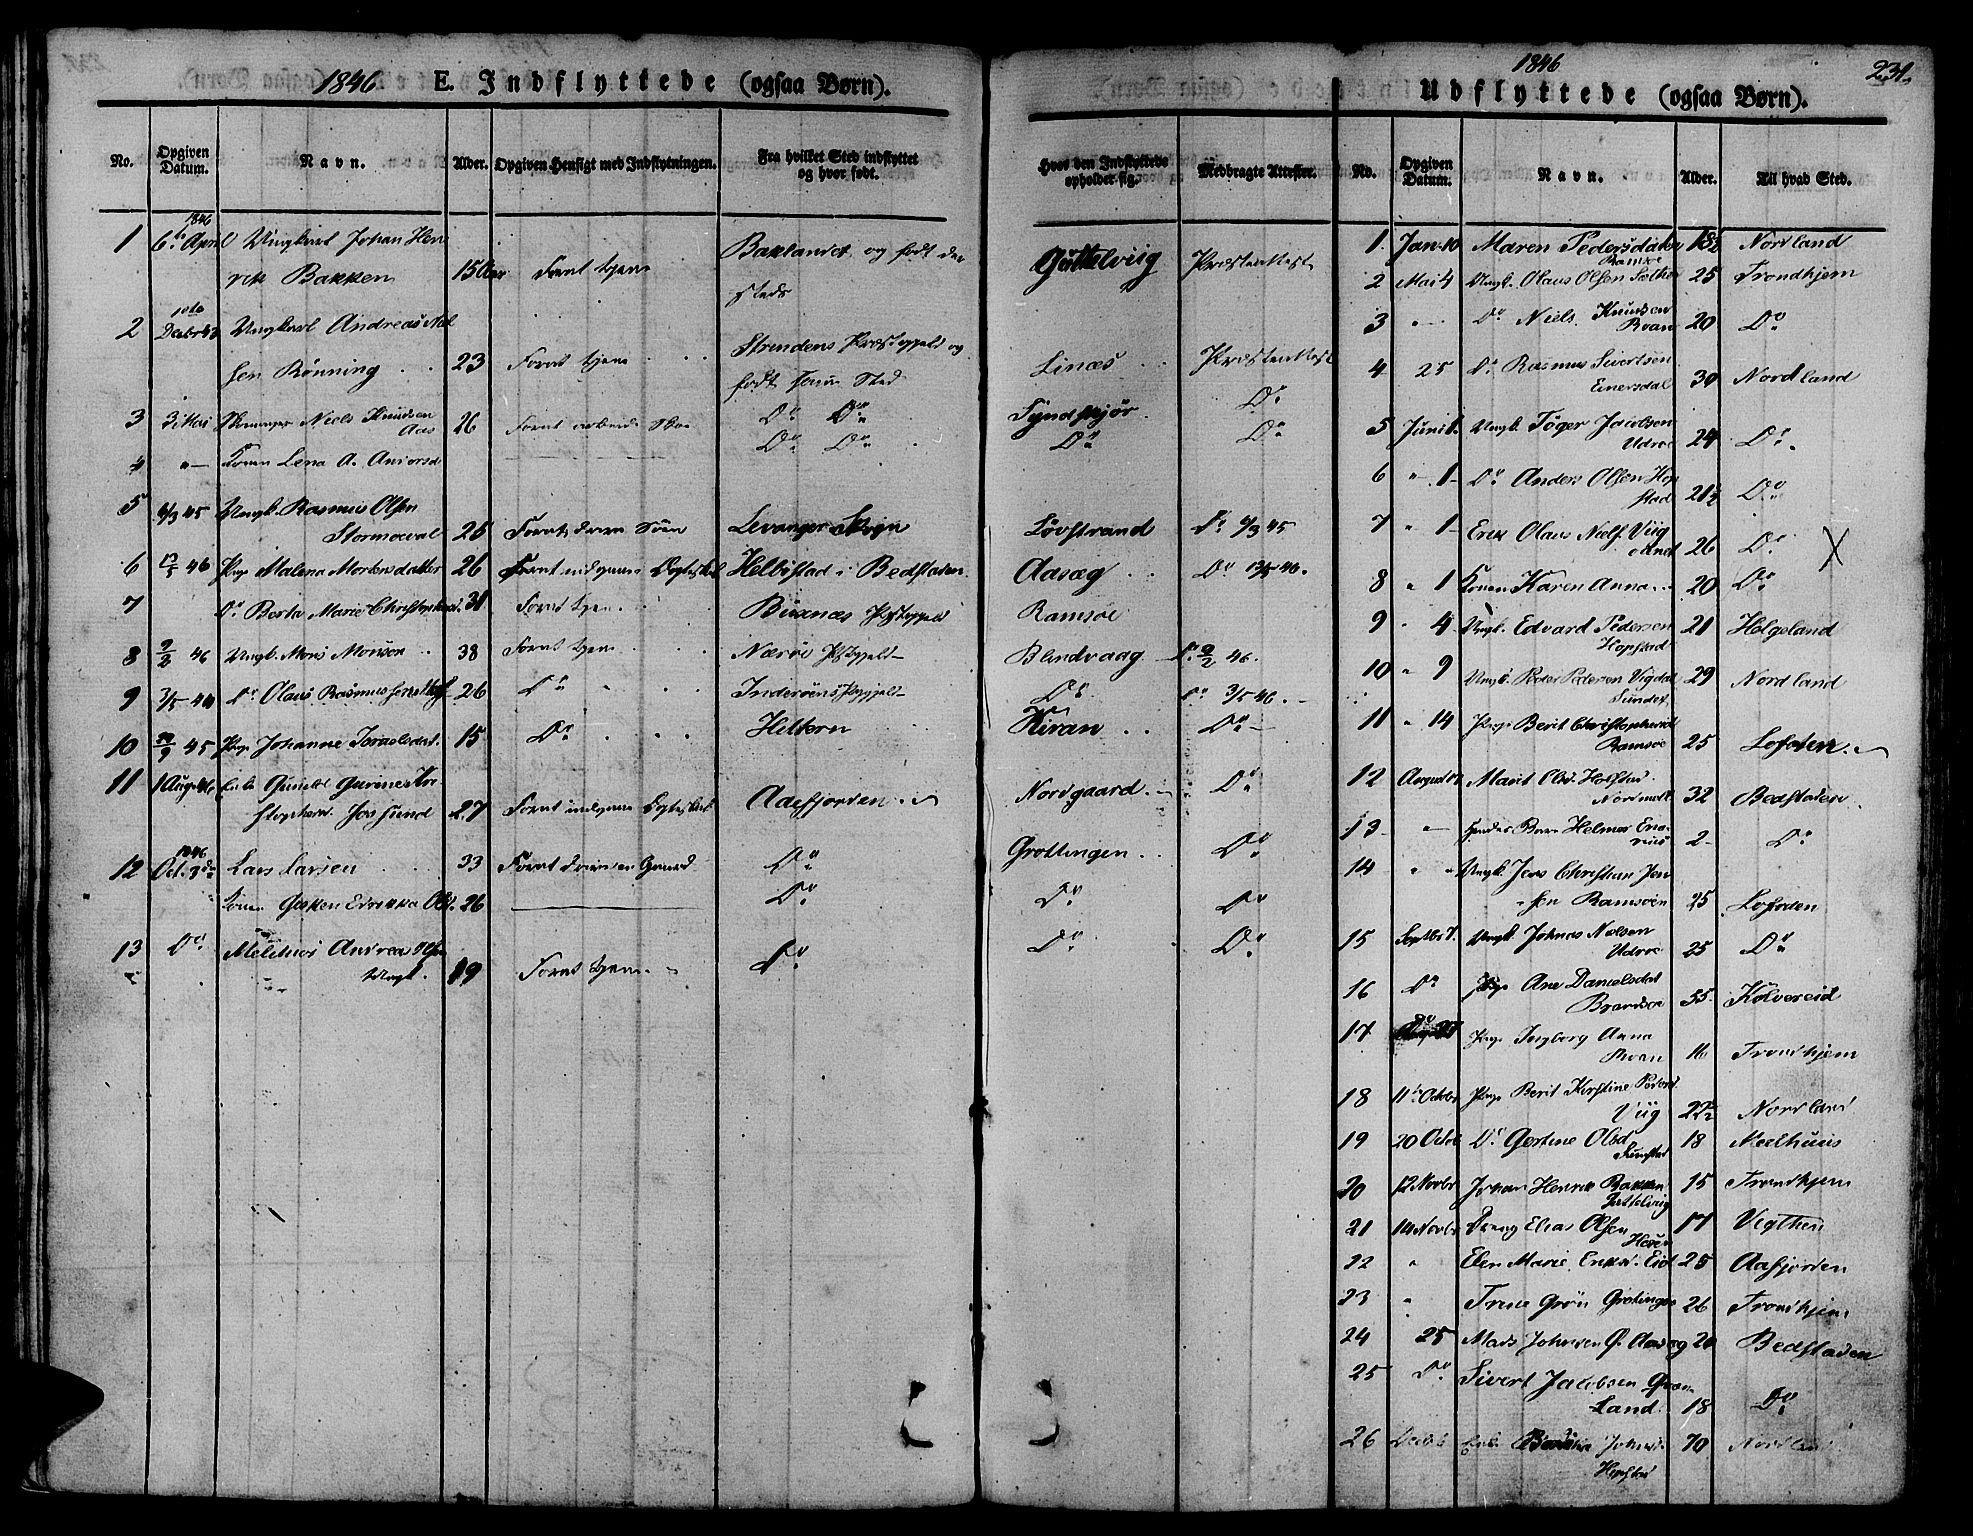 SAT, Ministerialprotokoller, klokkerbøker og fødselsregistre - Sør-Trøndelag, 657/L0703: Ministerialbok nr. 657A04, 1831-1846, s. 231